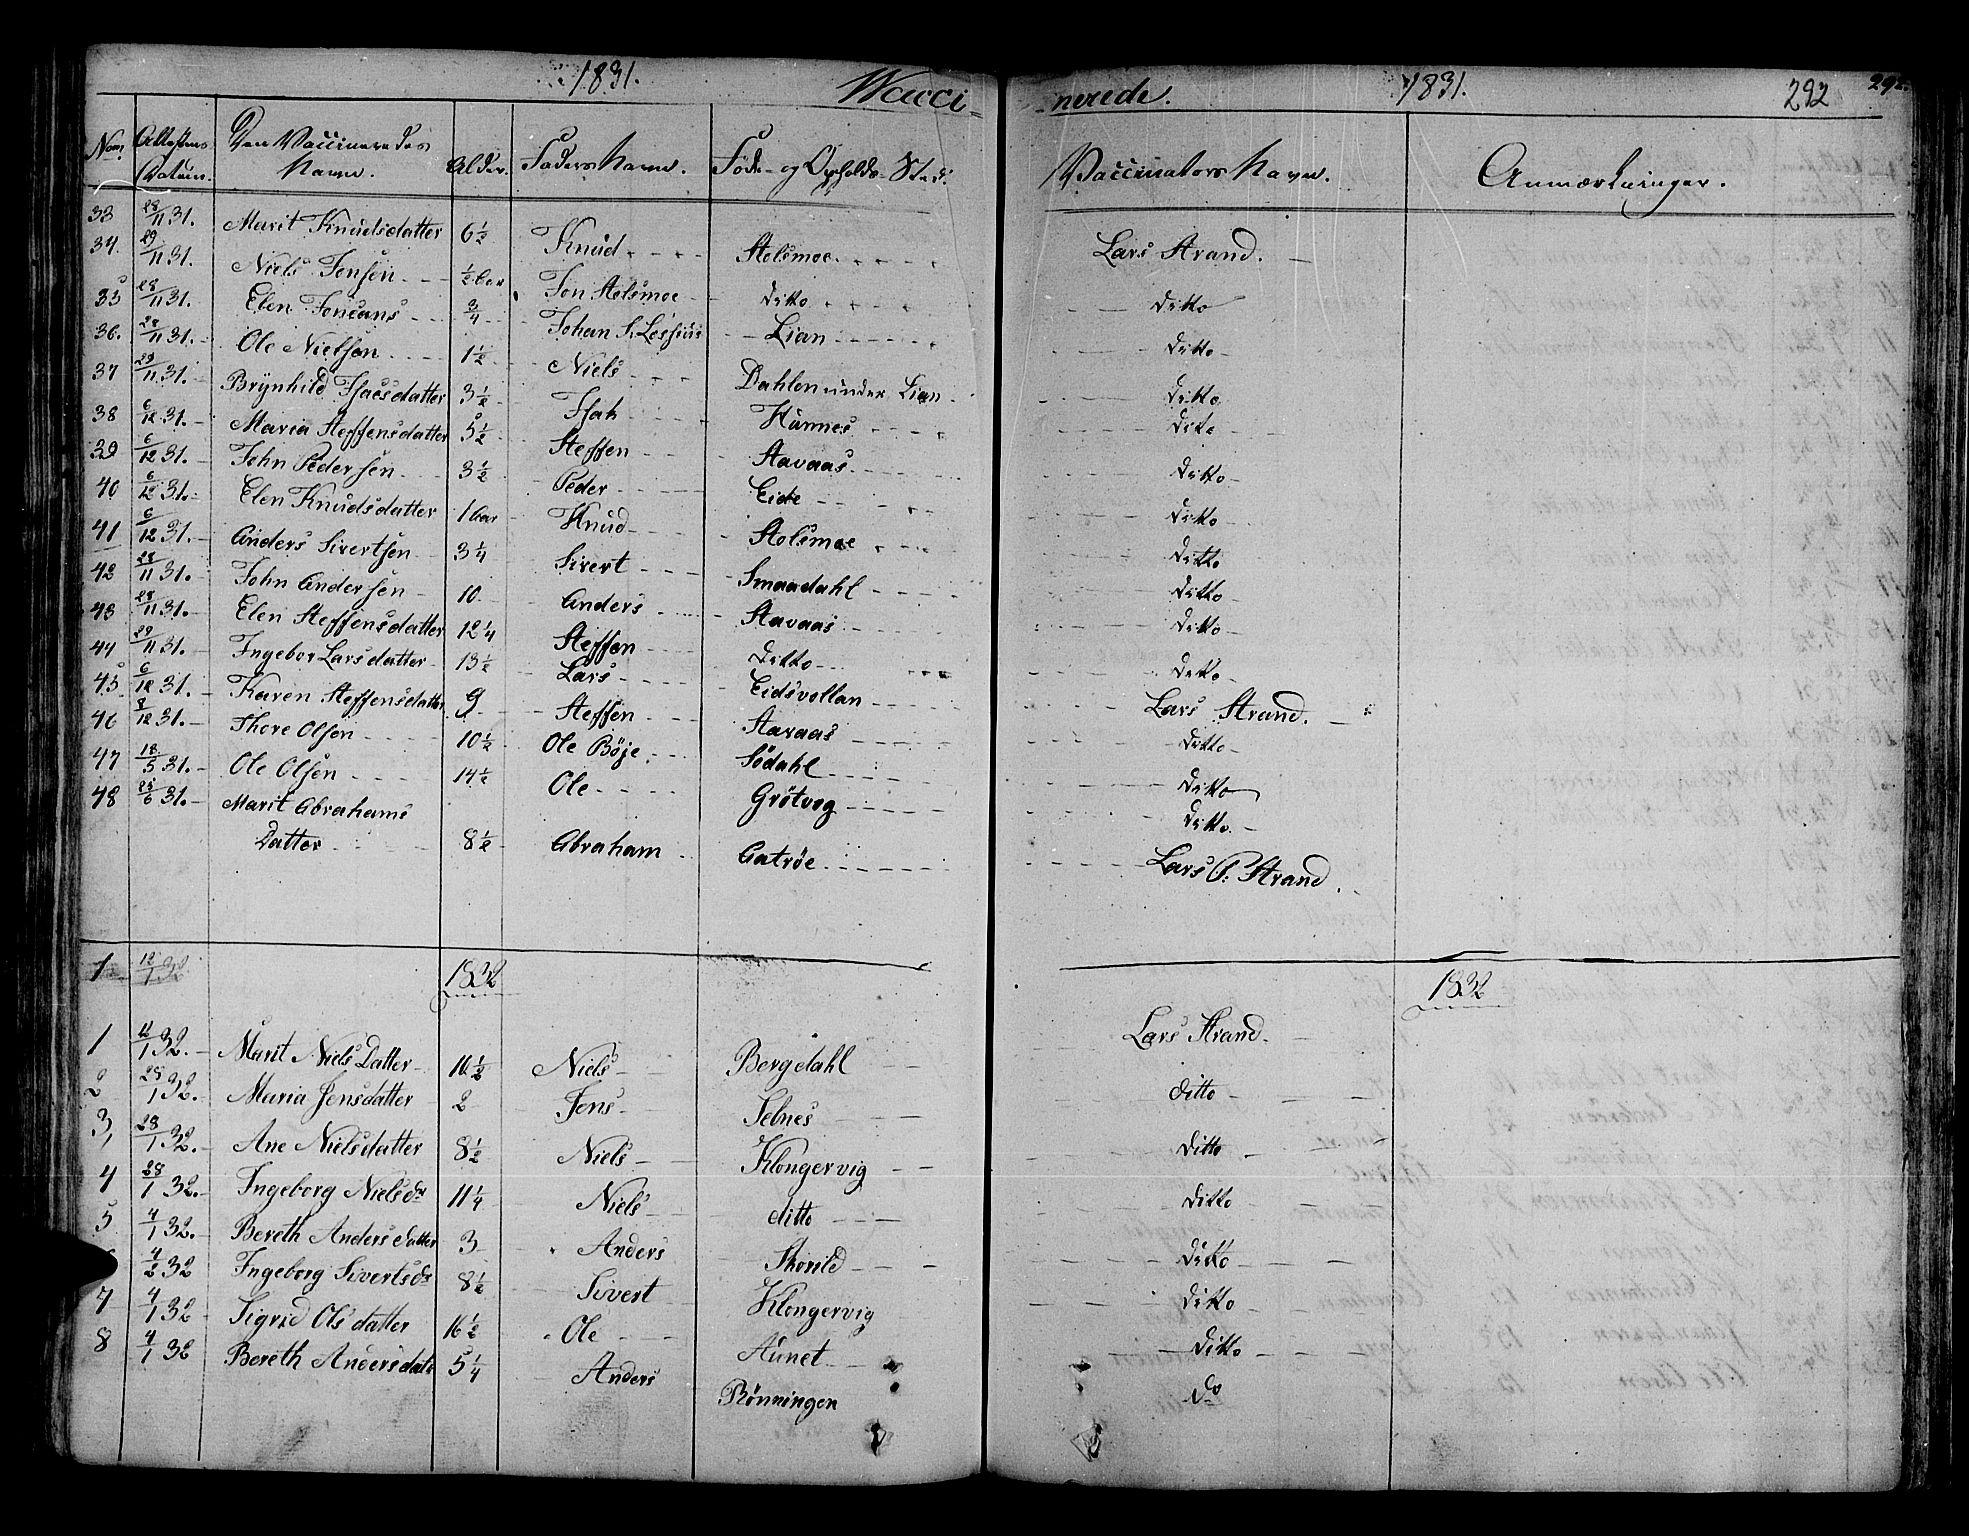 SAT, Ministerialprotokoller, klokkerbøker og fødselsregistre - Sør-Trøndelag, 630/L0492: Ministerialbok nr. 630A05, 1830-1840, s. 292